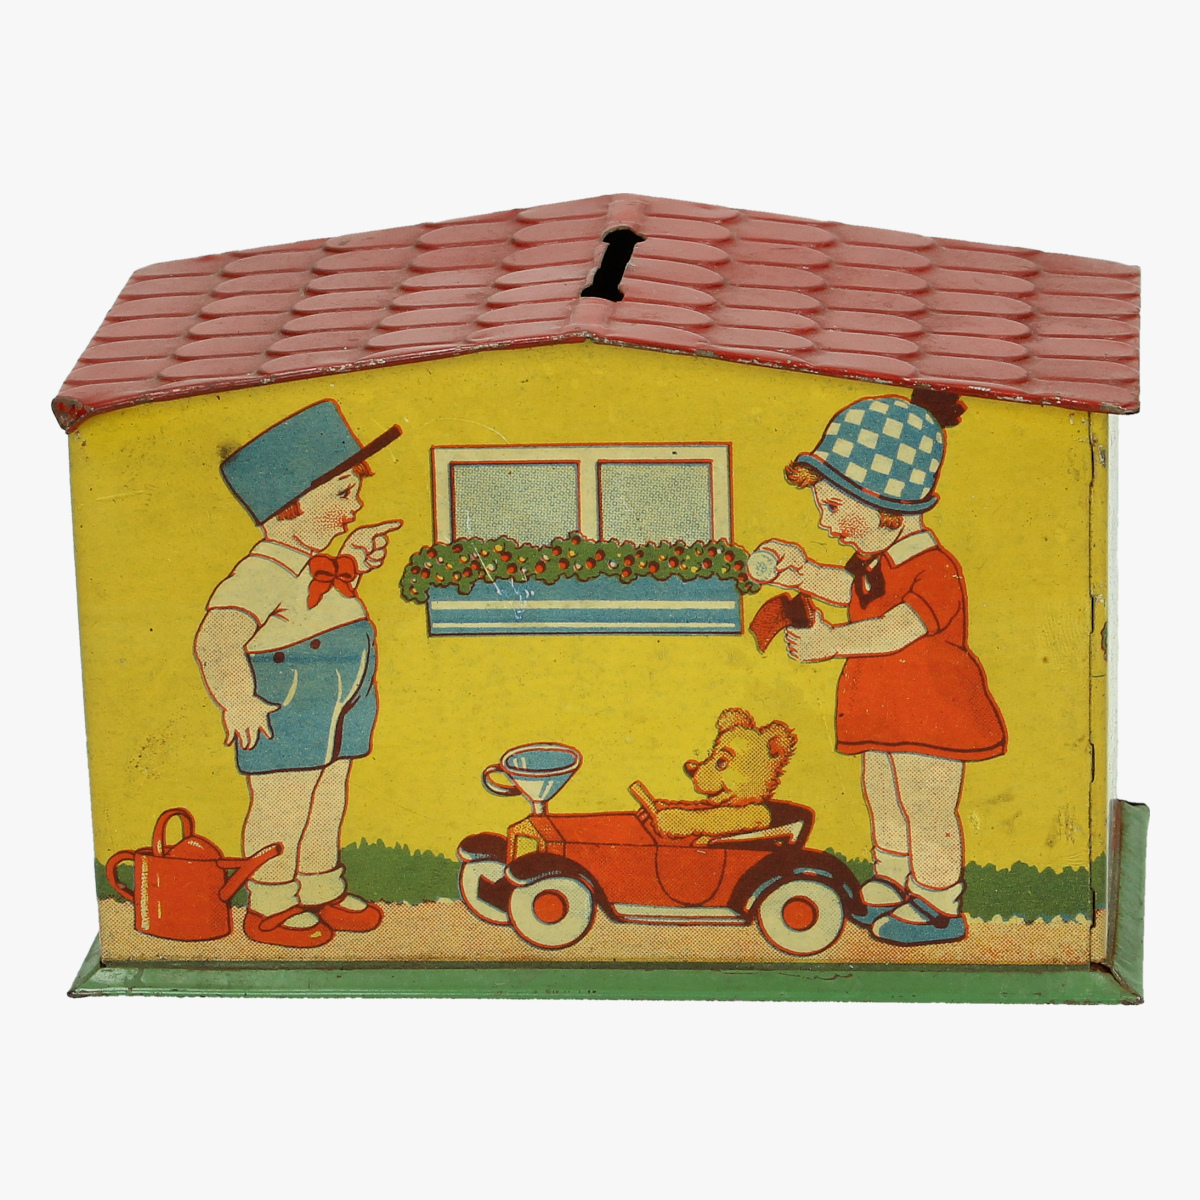 Afbeeldingen van blikken spaarpot huisje